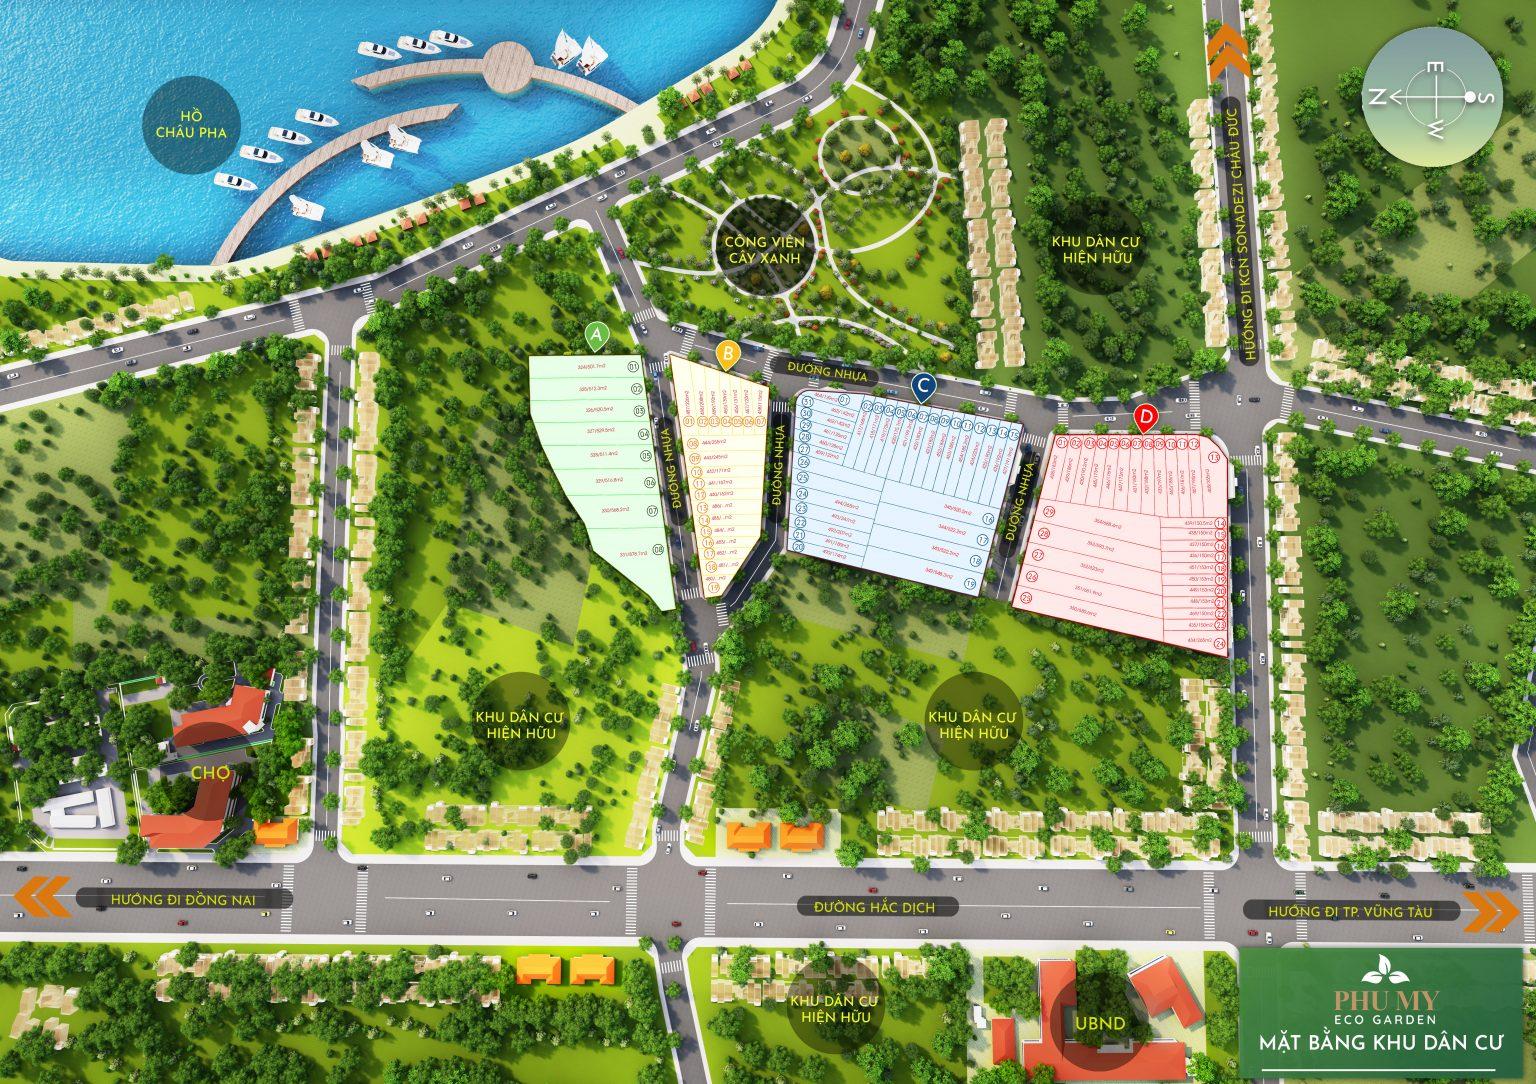 Mặt bằng Dự án đất nền khu dân cư sinh thái Phú Mỹ Eco Garden Châu Pha, Phú Mỹ, Bà Rịa - Vũng Tàu